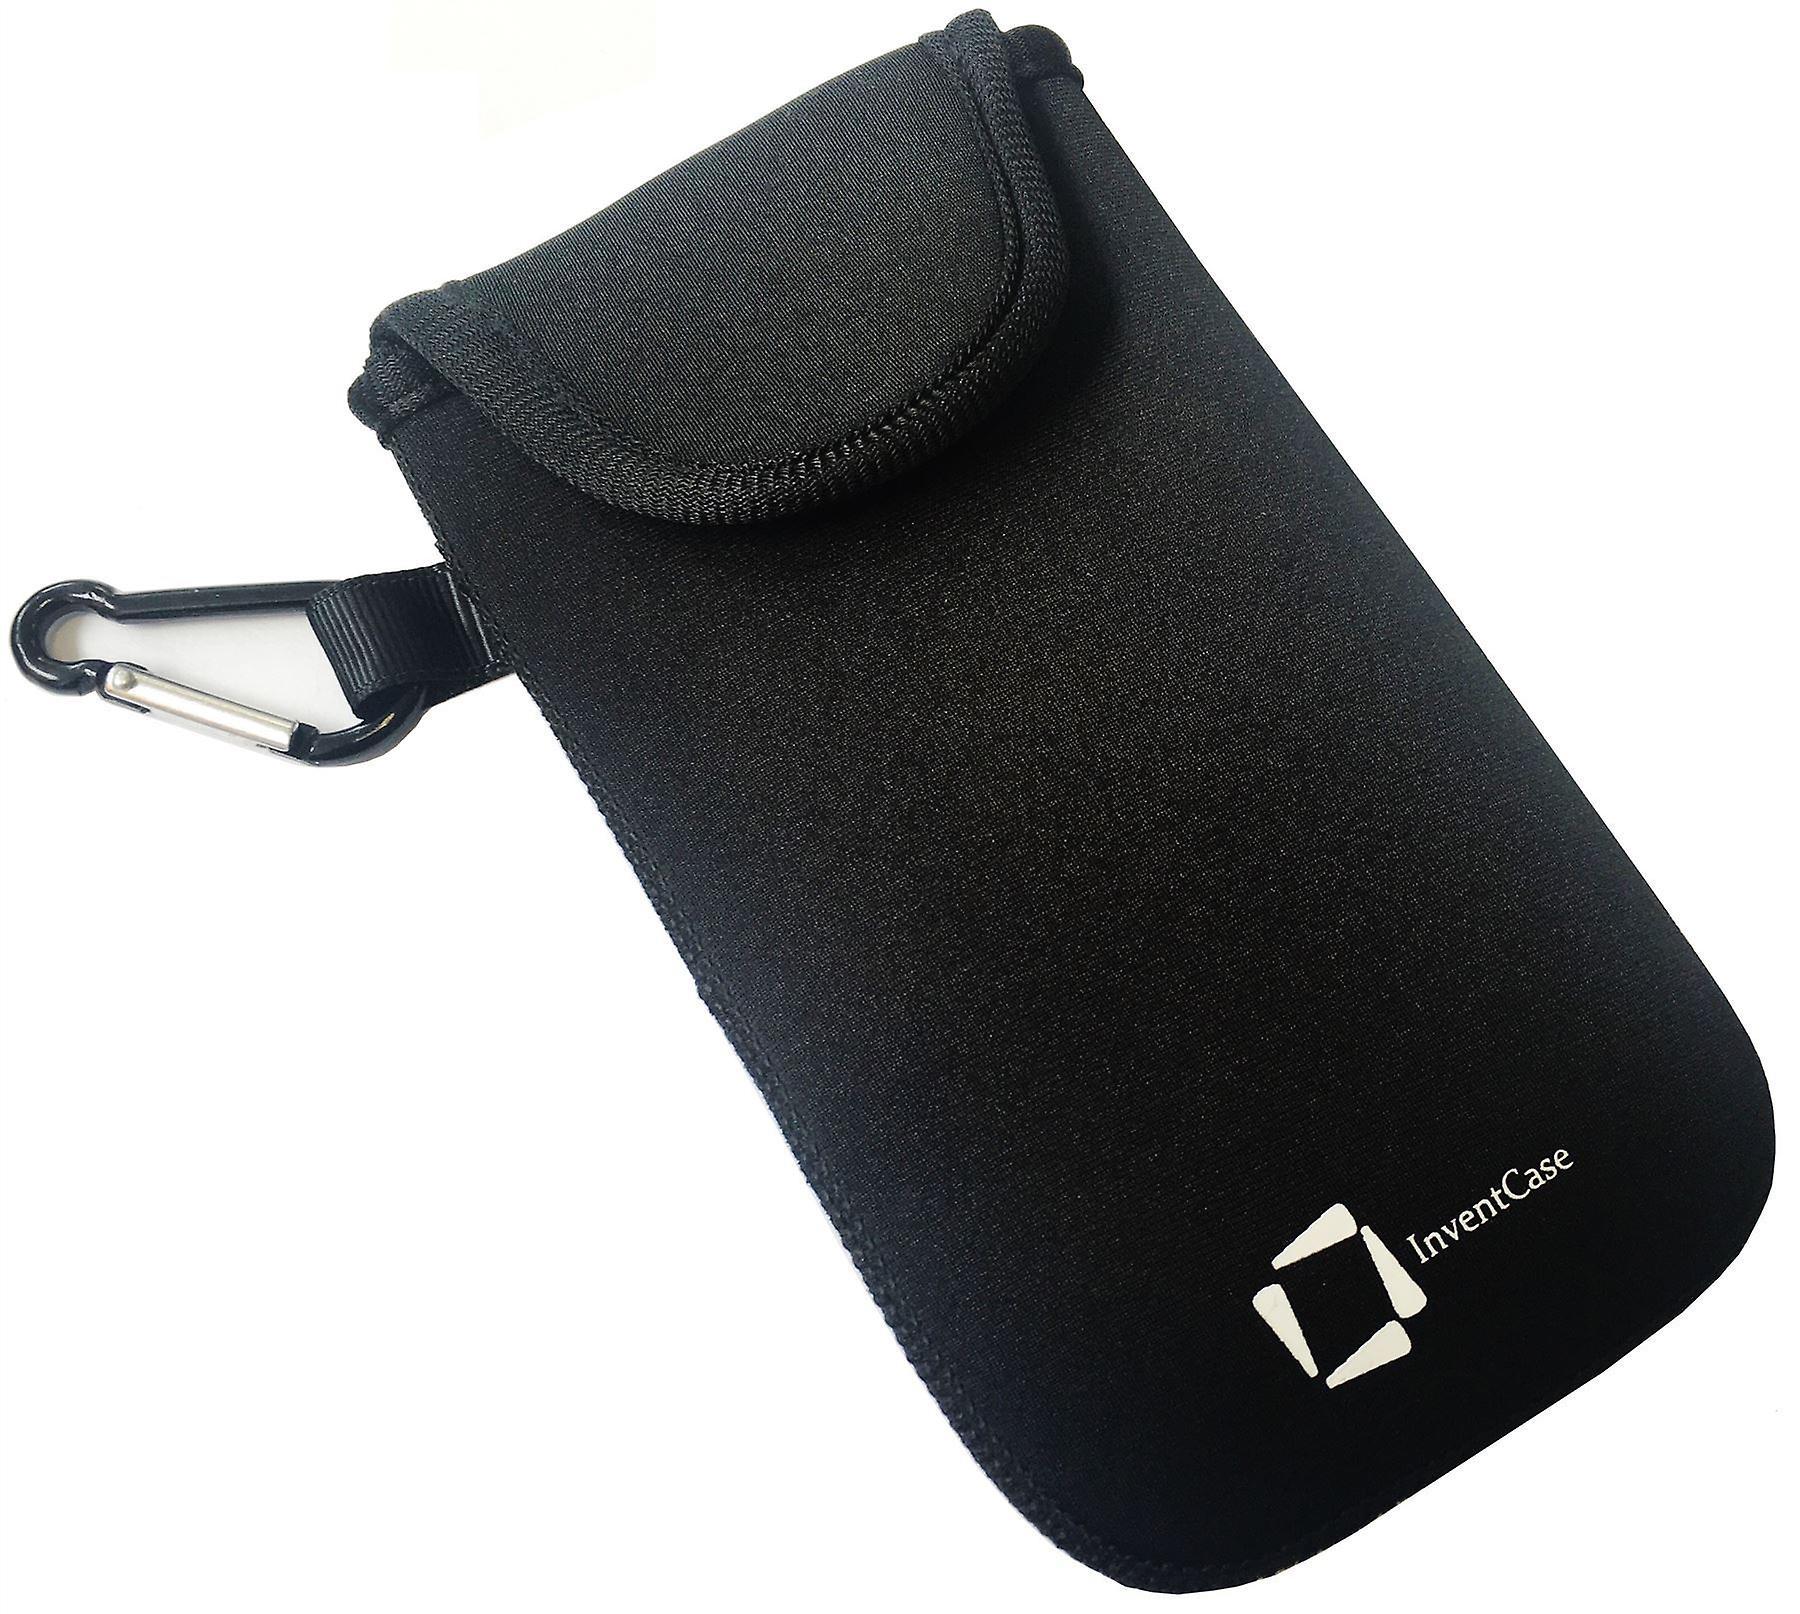 كيس تغطية القضية الحقيبة واقية مقاومة لتأثير النيوبرين إينفينتكاسي مع إغلاق Velcro و Carabiner الألومنيوم ريكس سامسونج 90-أسود